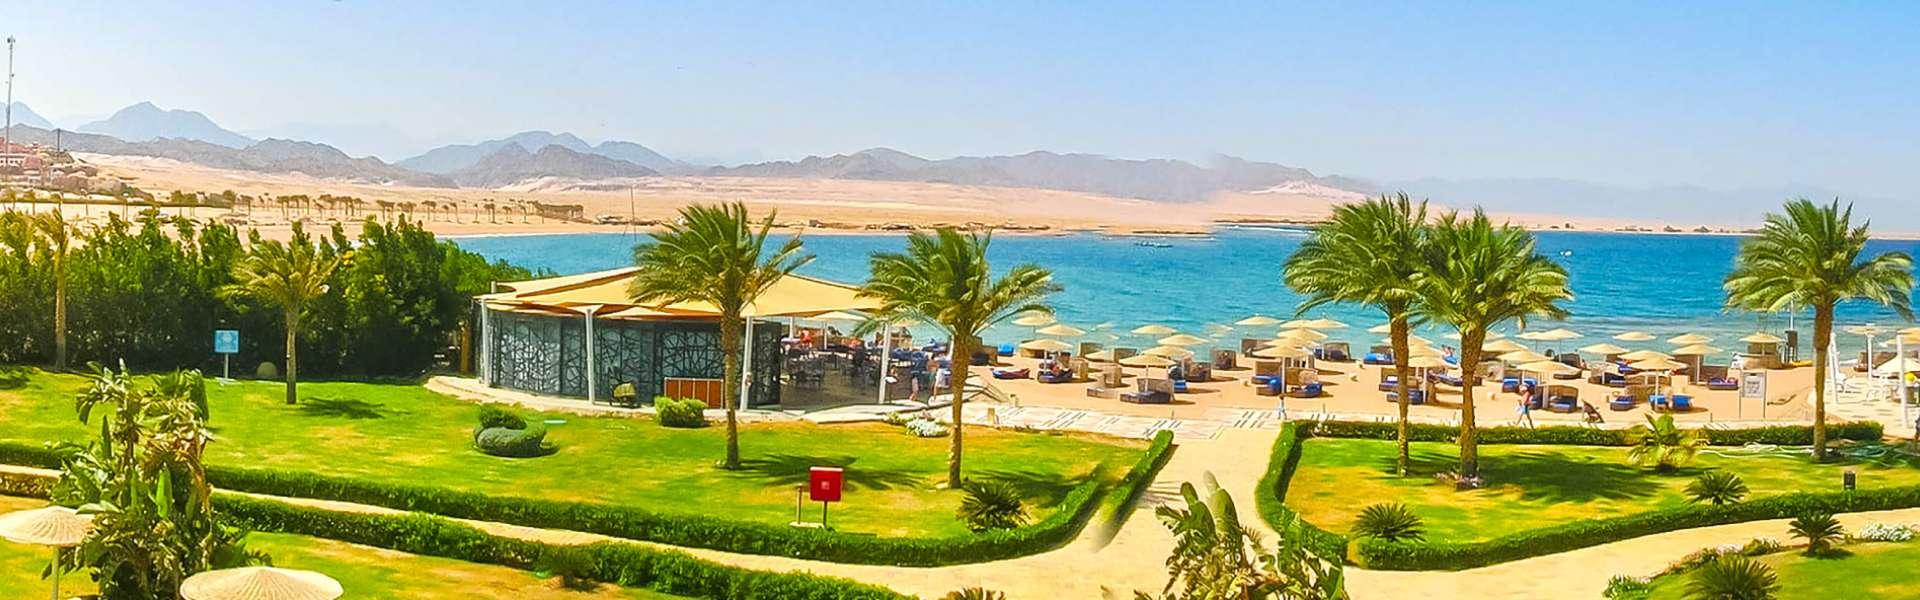 Sharm